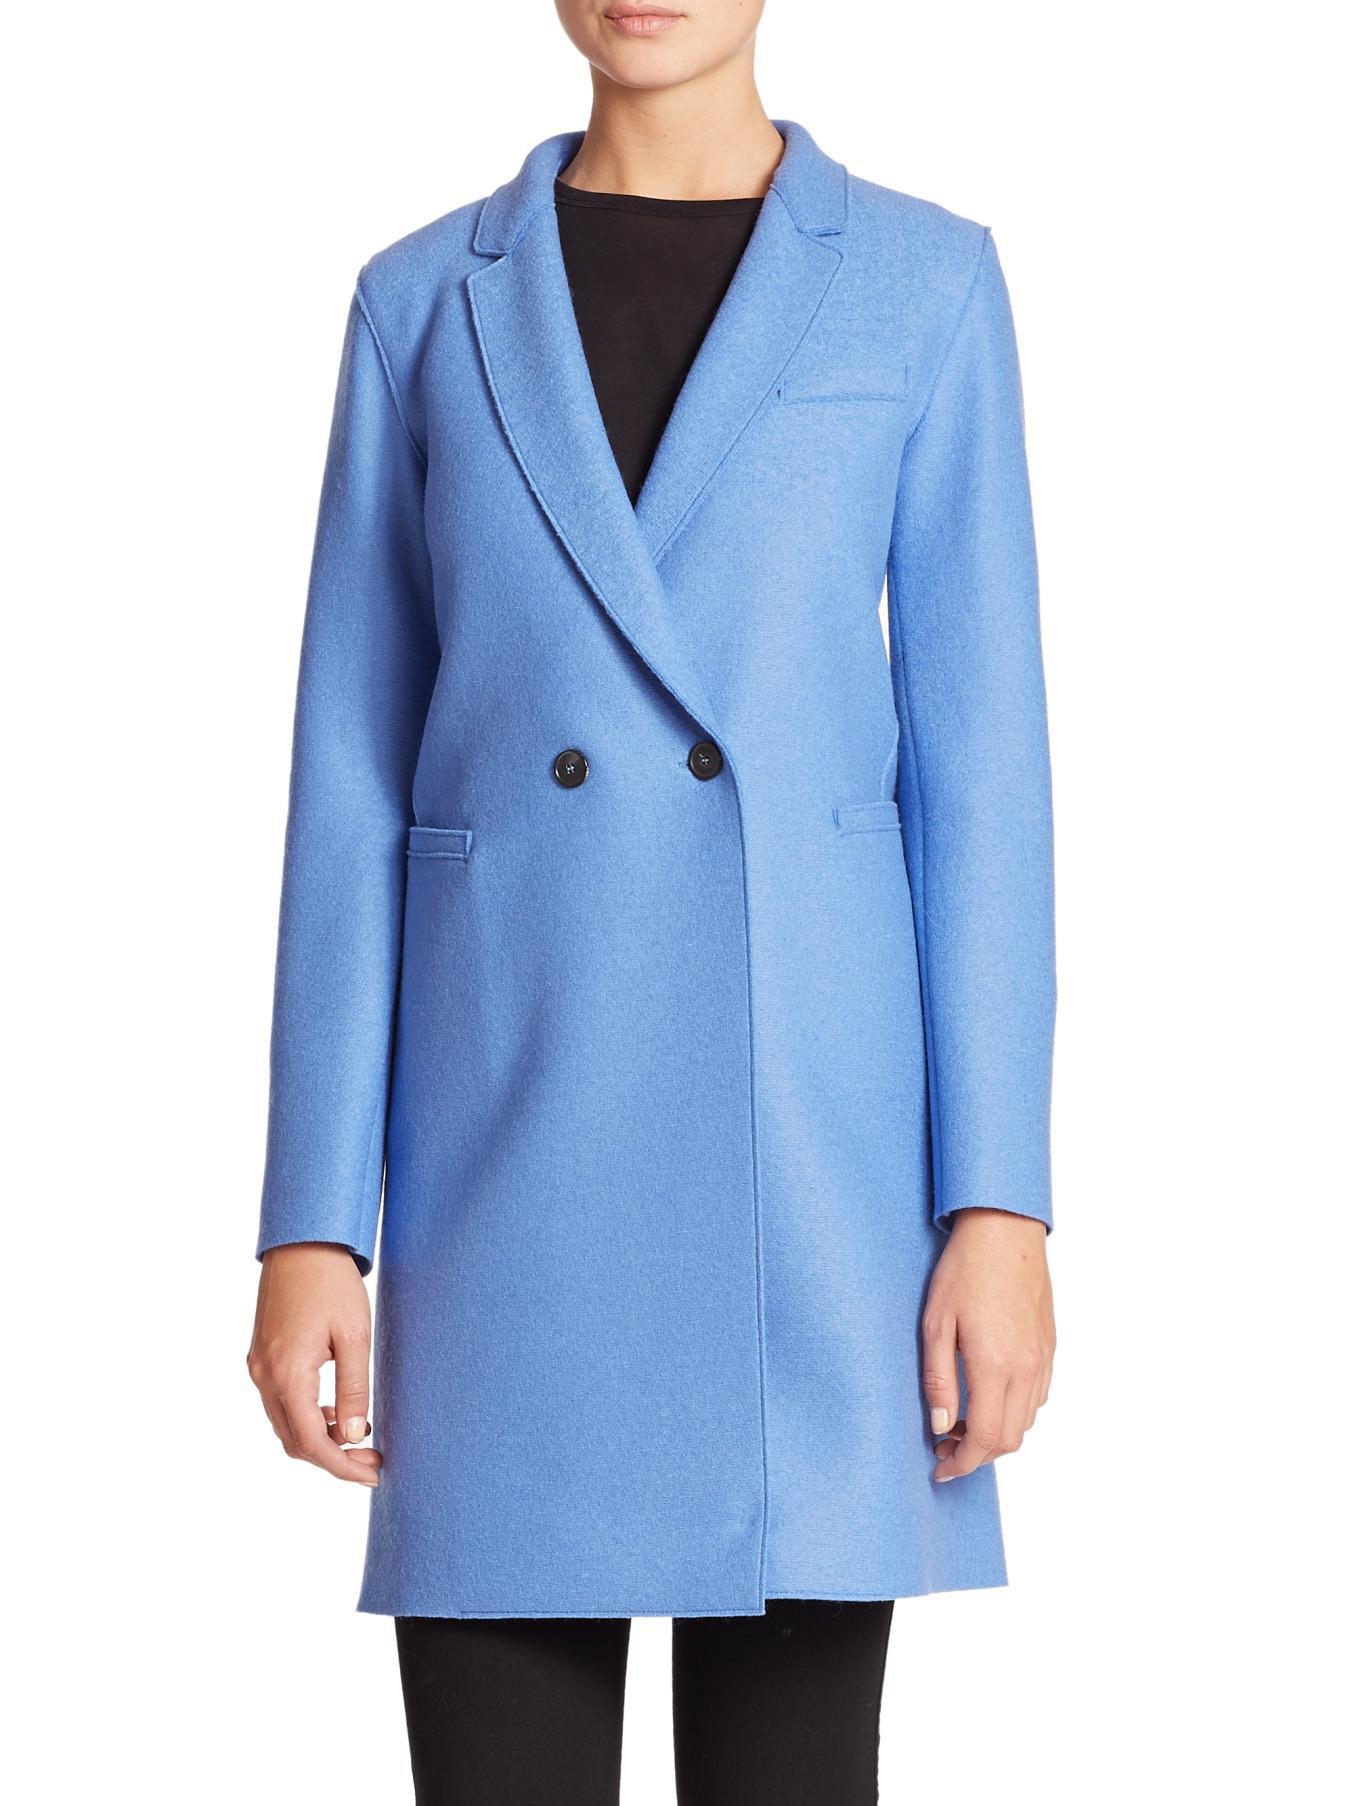 Lyst - Harris Wharf London Wool Double-breasted Coat in Blue e4447b8449ae1